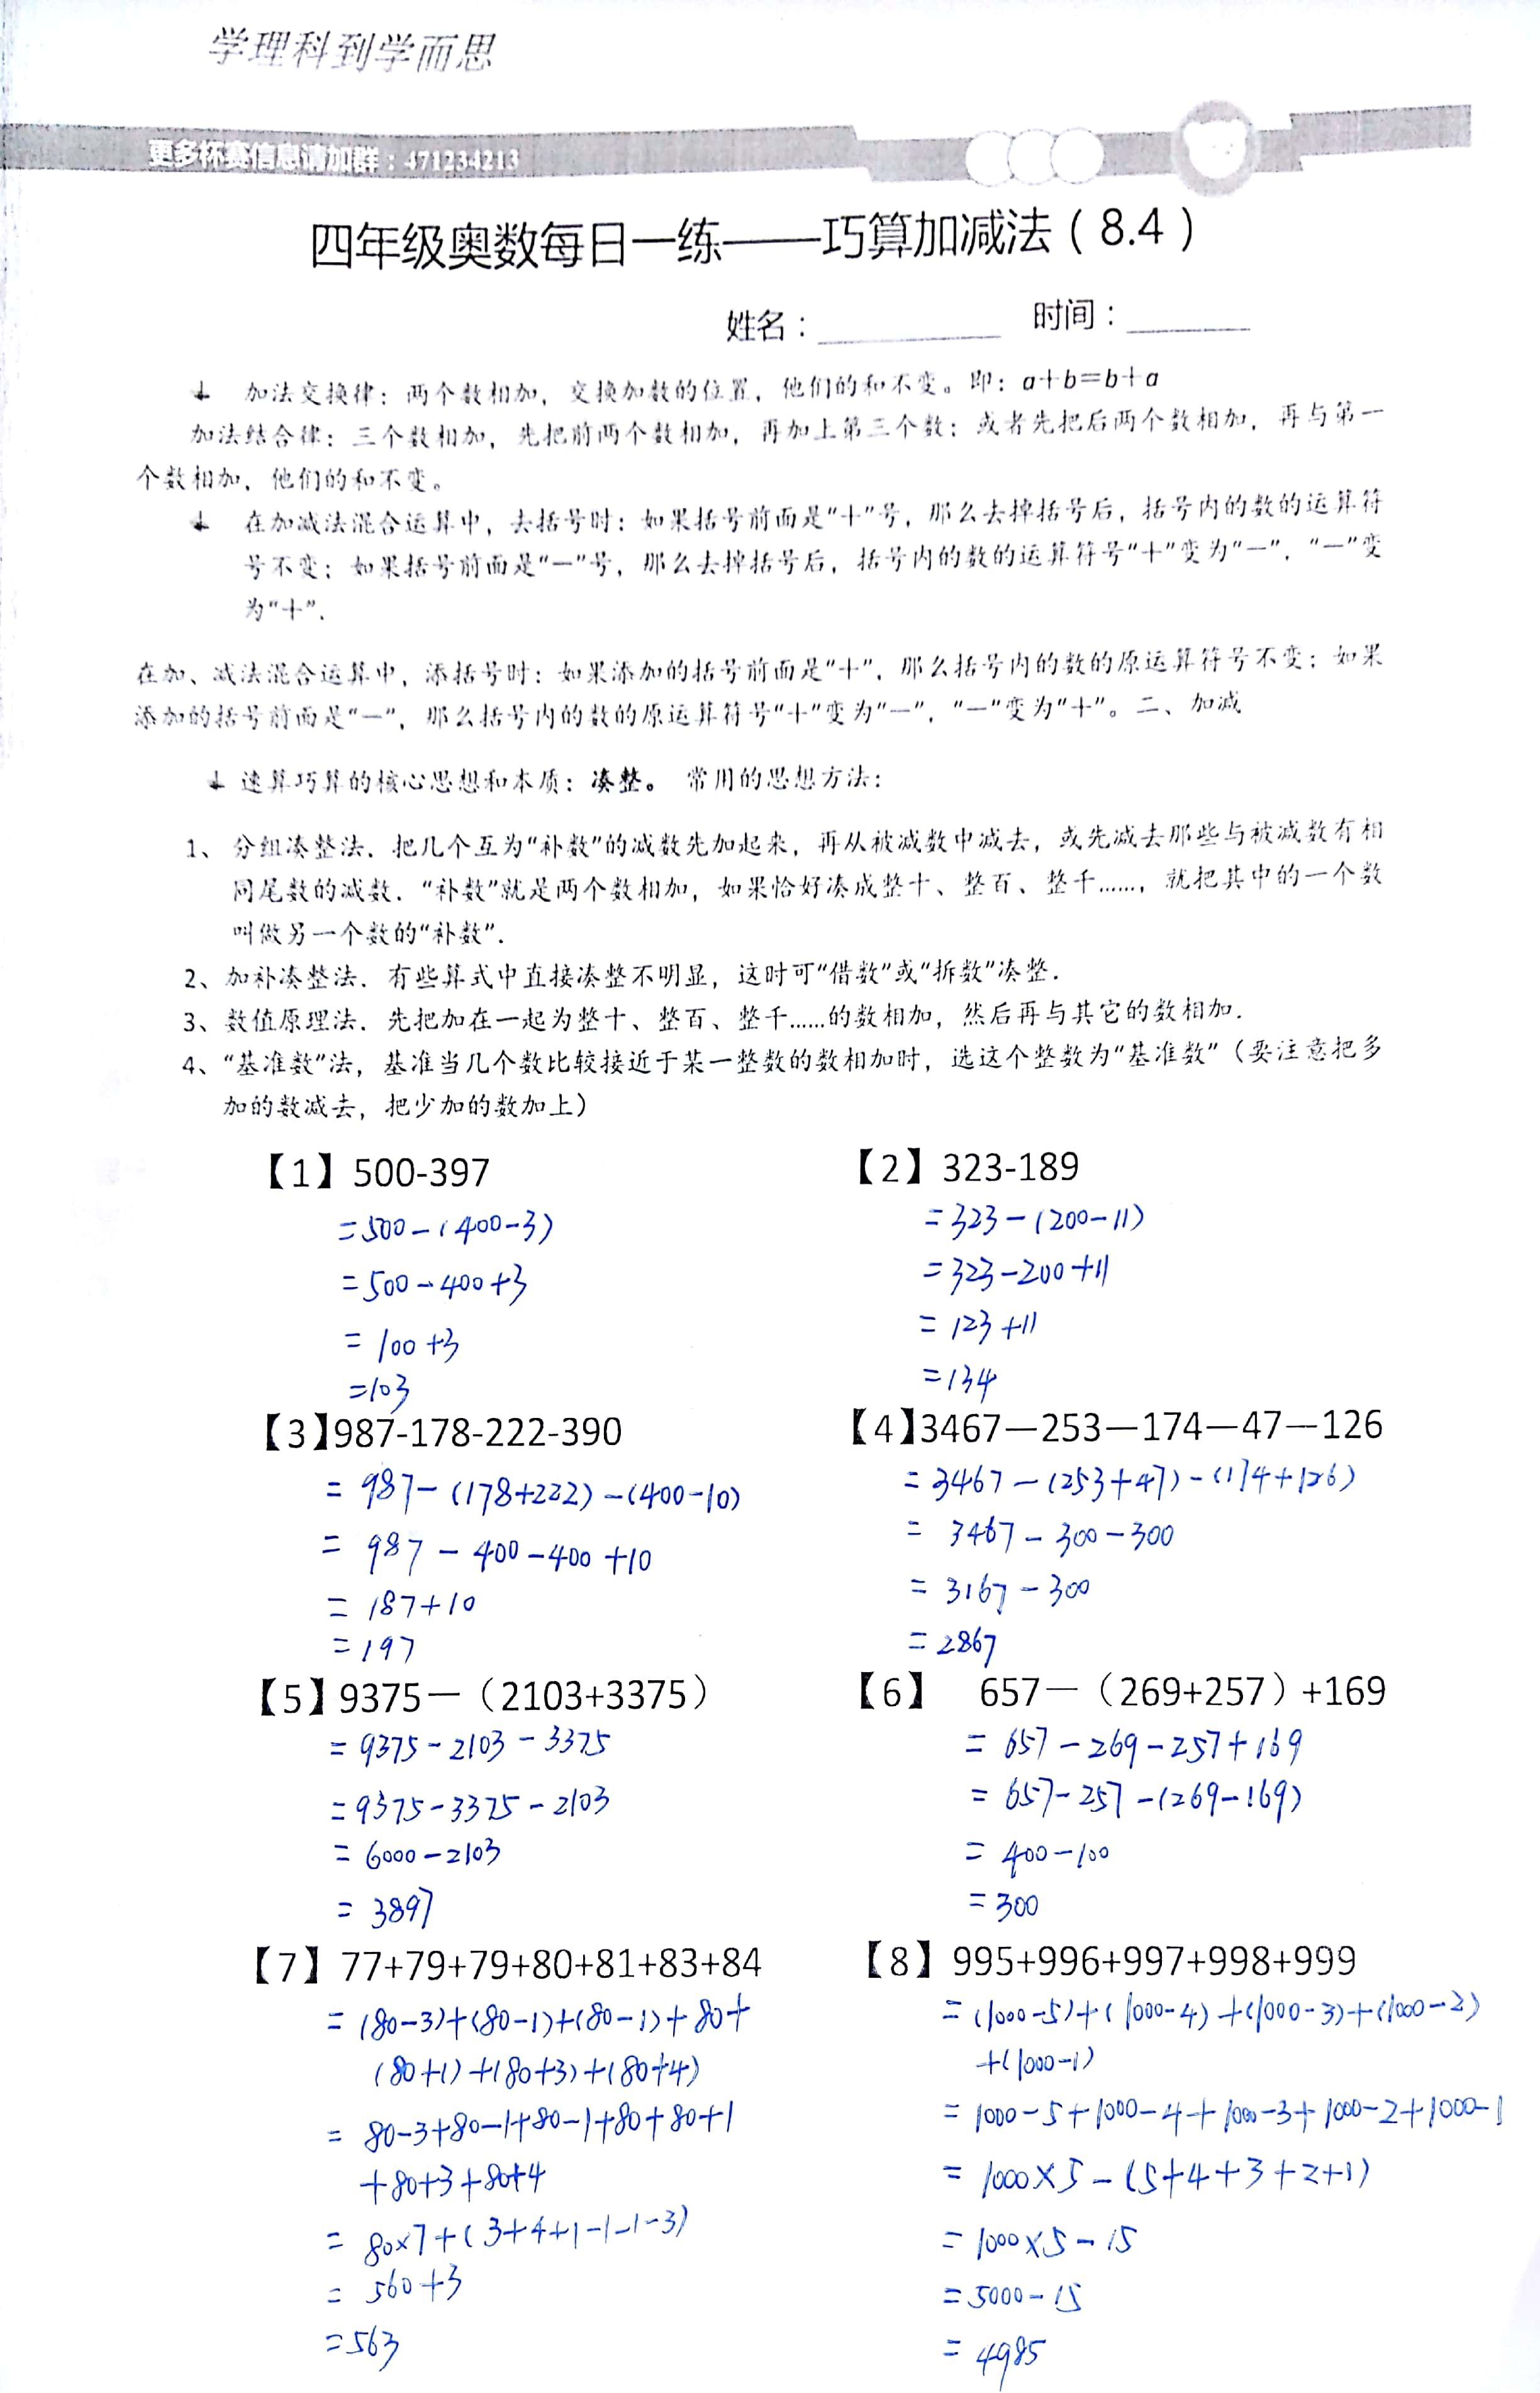 8.4解析.jpg